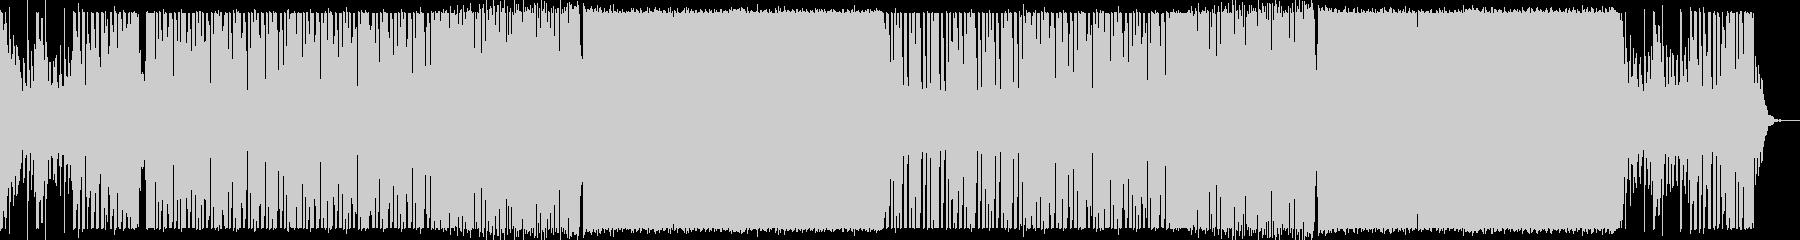 K-POP EDM レゲトンHiphopの未再生の波形